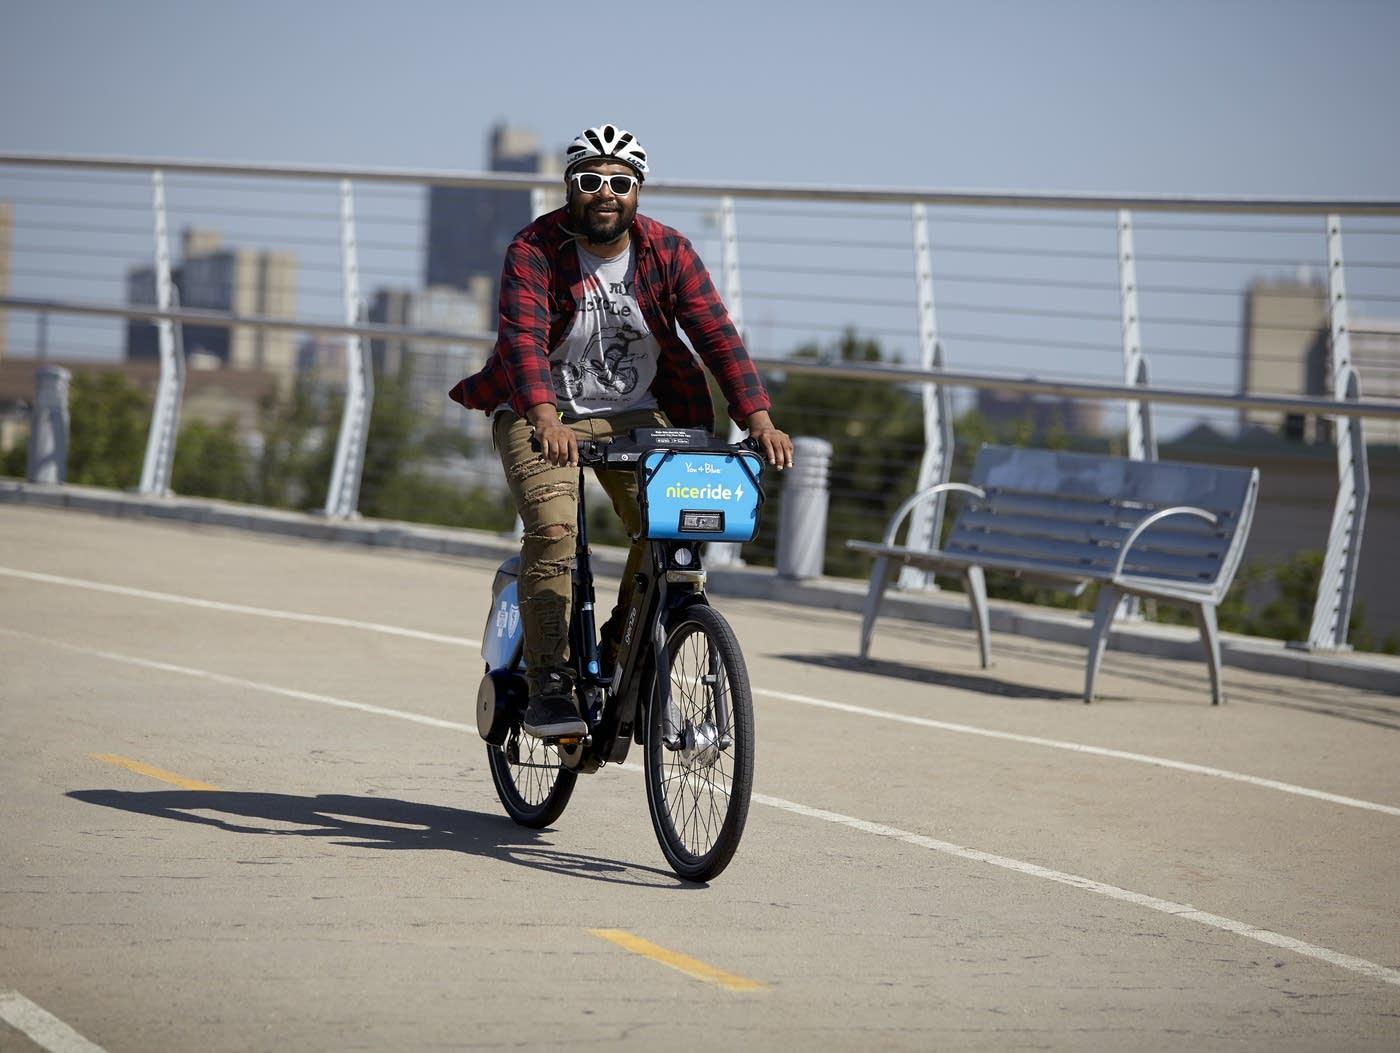 国外行业资讯 | 英国自行车专员被任命为交通顾问;Nice Ride推出一小批踏板助力自行车-唯轮网